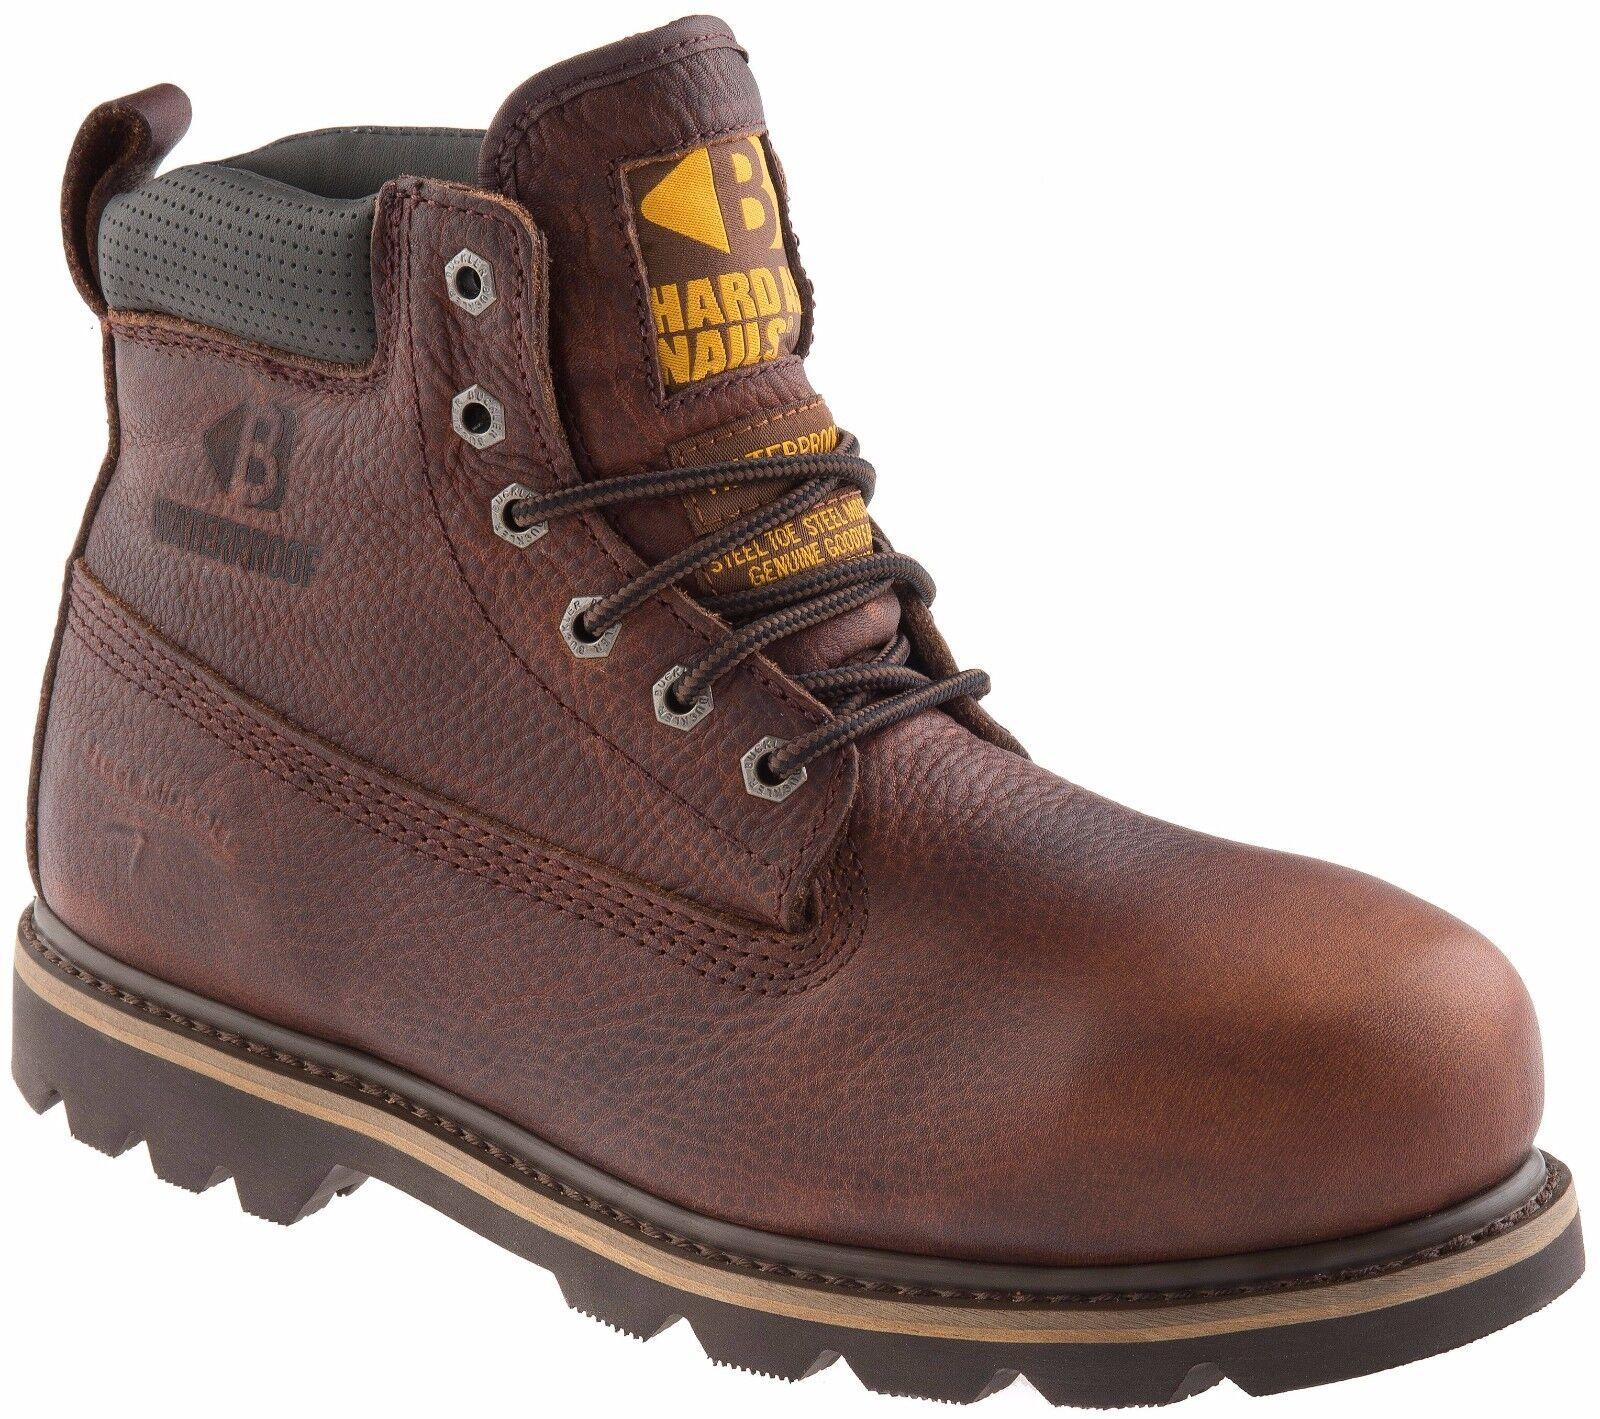 Buckler B 750 smwp Impermeable Seguridad botas De Trabajo Cuero Marrón Oscuro (Tallas 4-13)